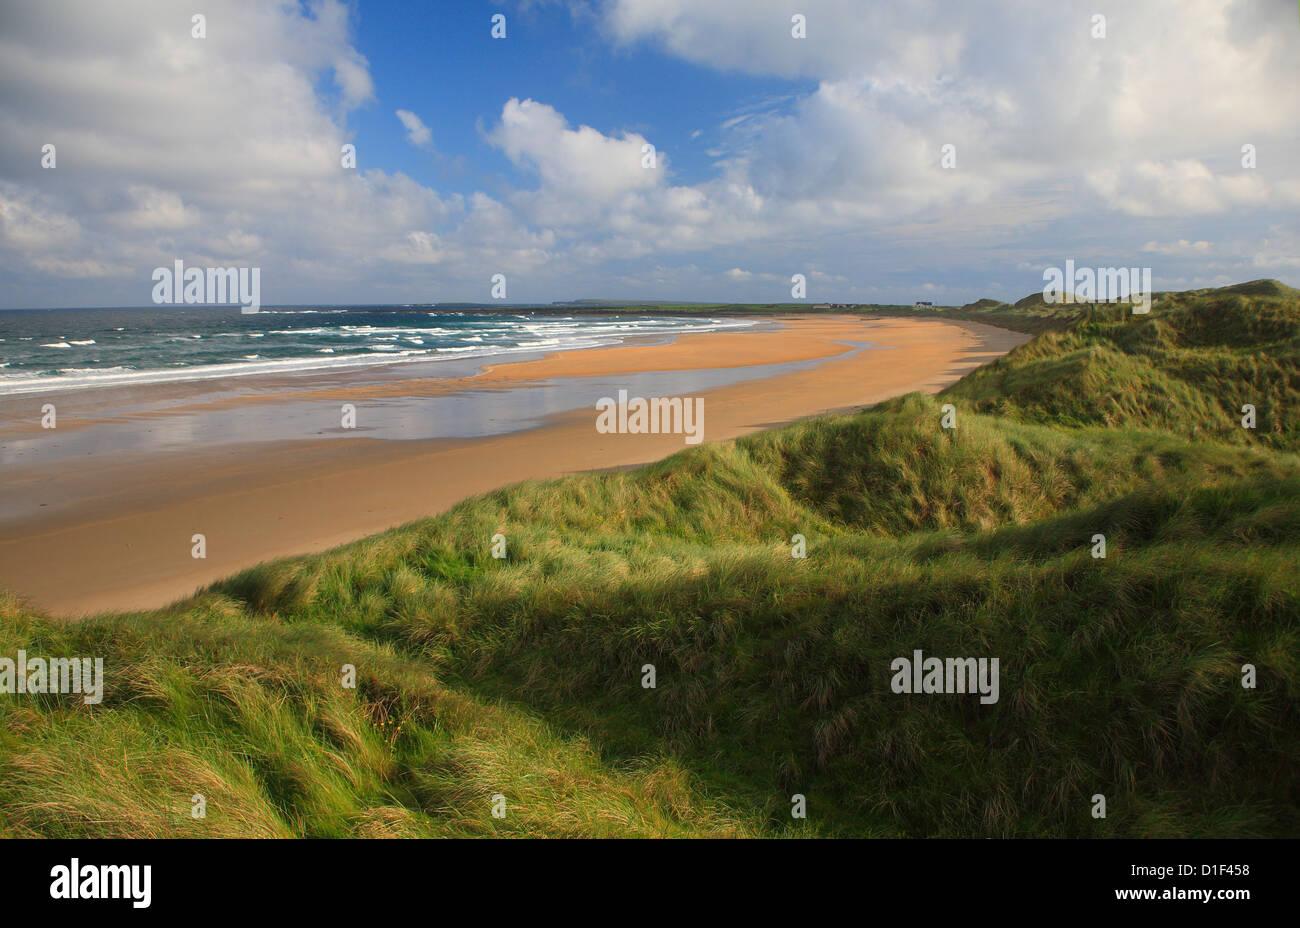 Dunes covered in maram grass, deserted sandy beach. - Stock Image